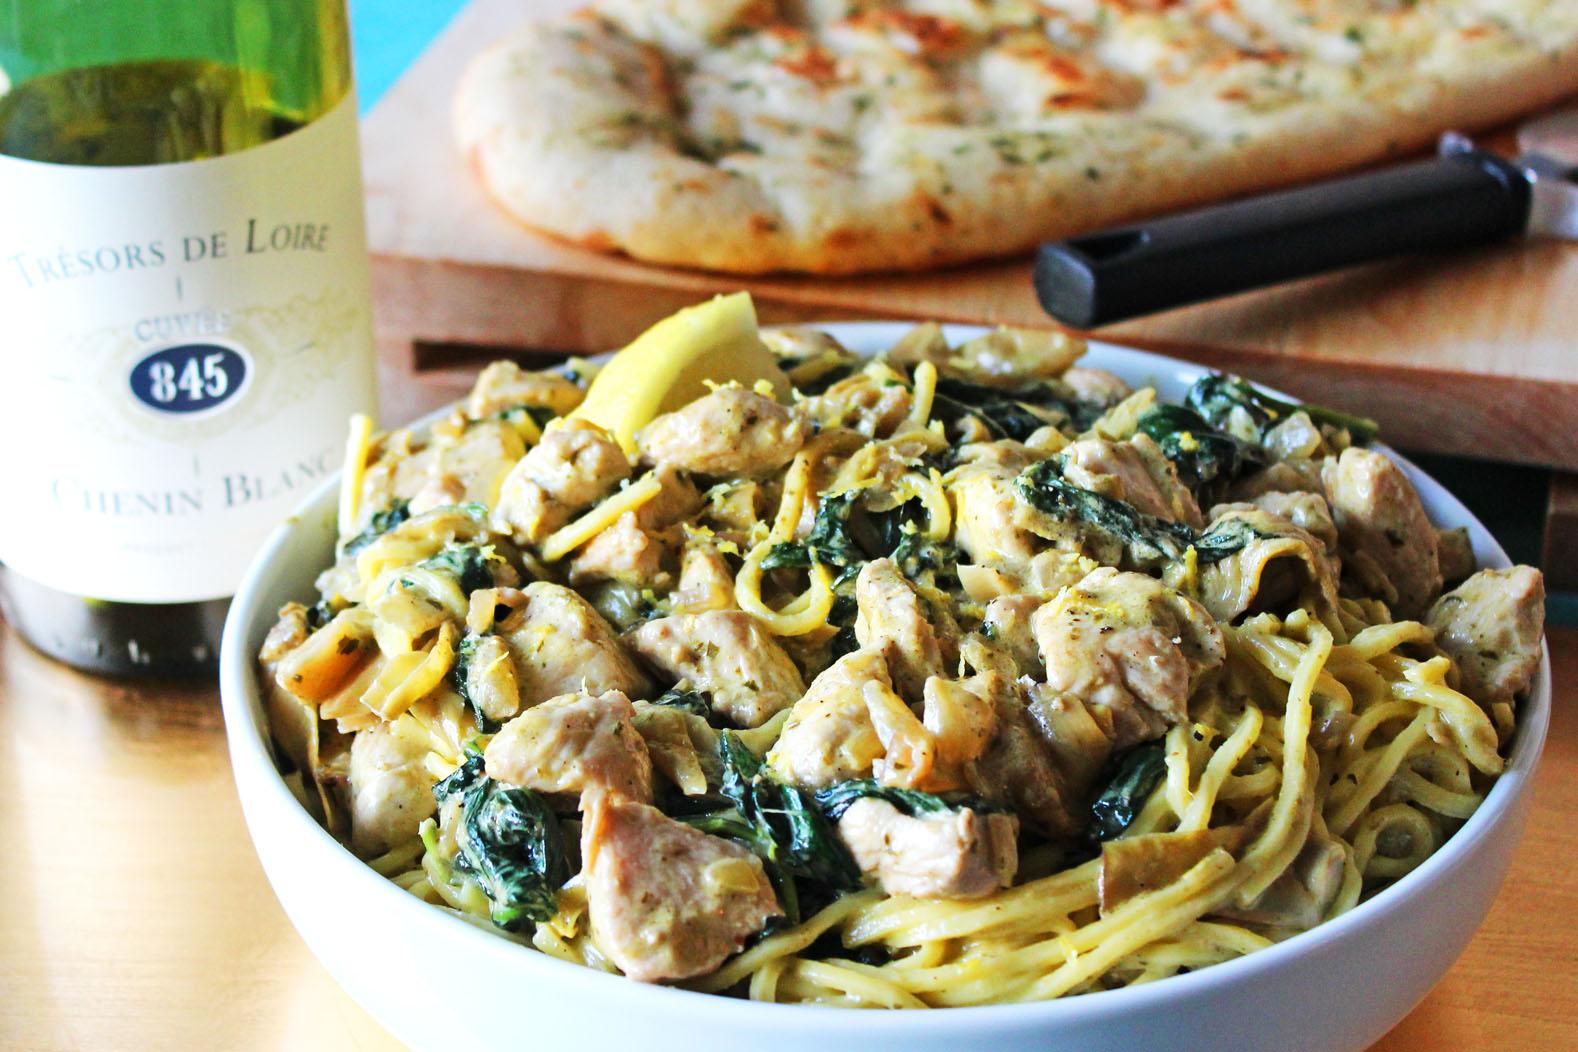 Spaghetti with Creamy Chicken, Spinach and Artichoke Sauce